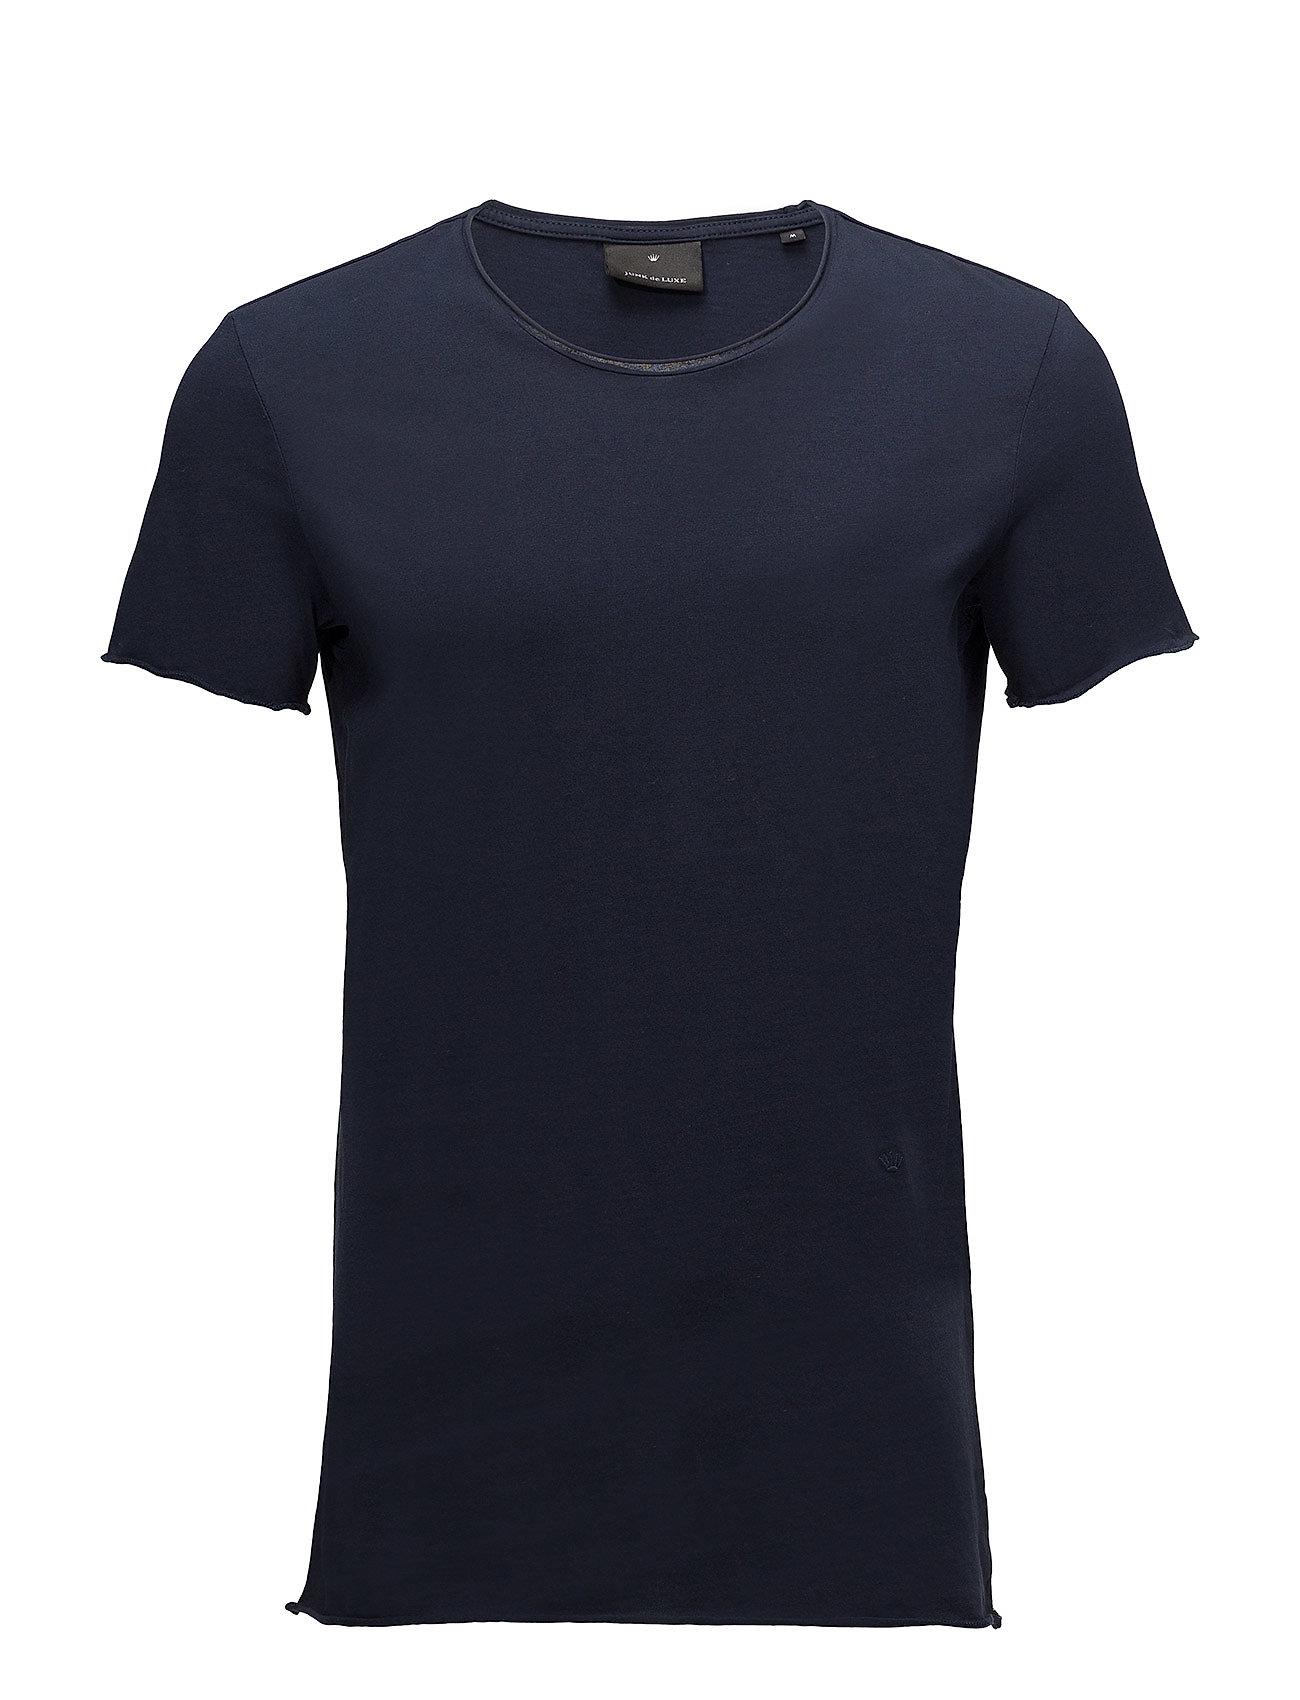 Image of Raw Edge Tee T-shirt Blå JUNK De LUXE (2870558517)